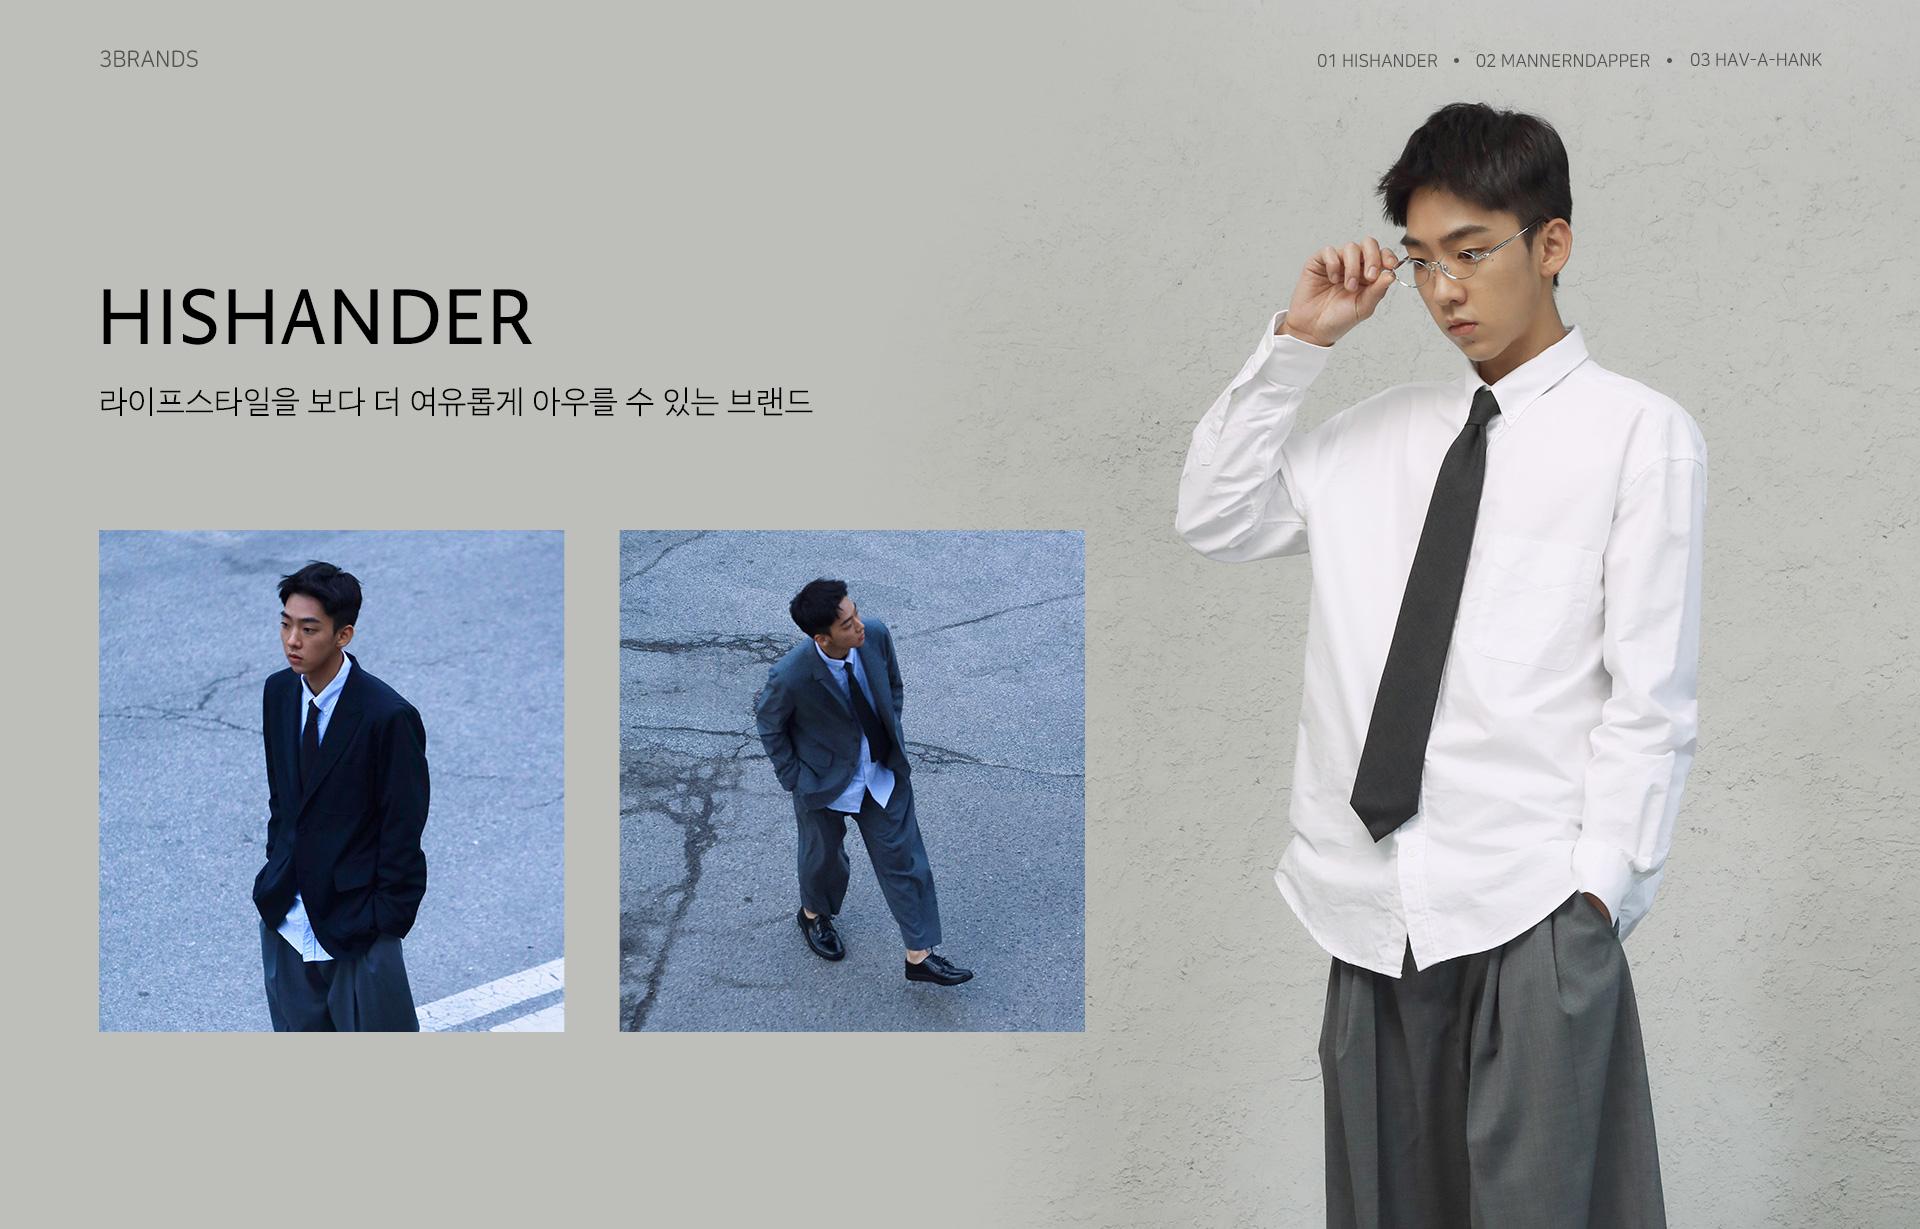 hishander_detail_pc.jpg